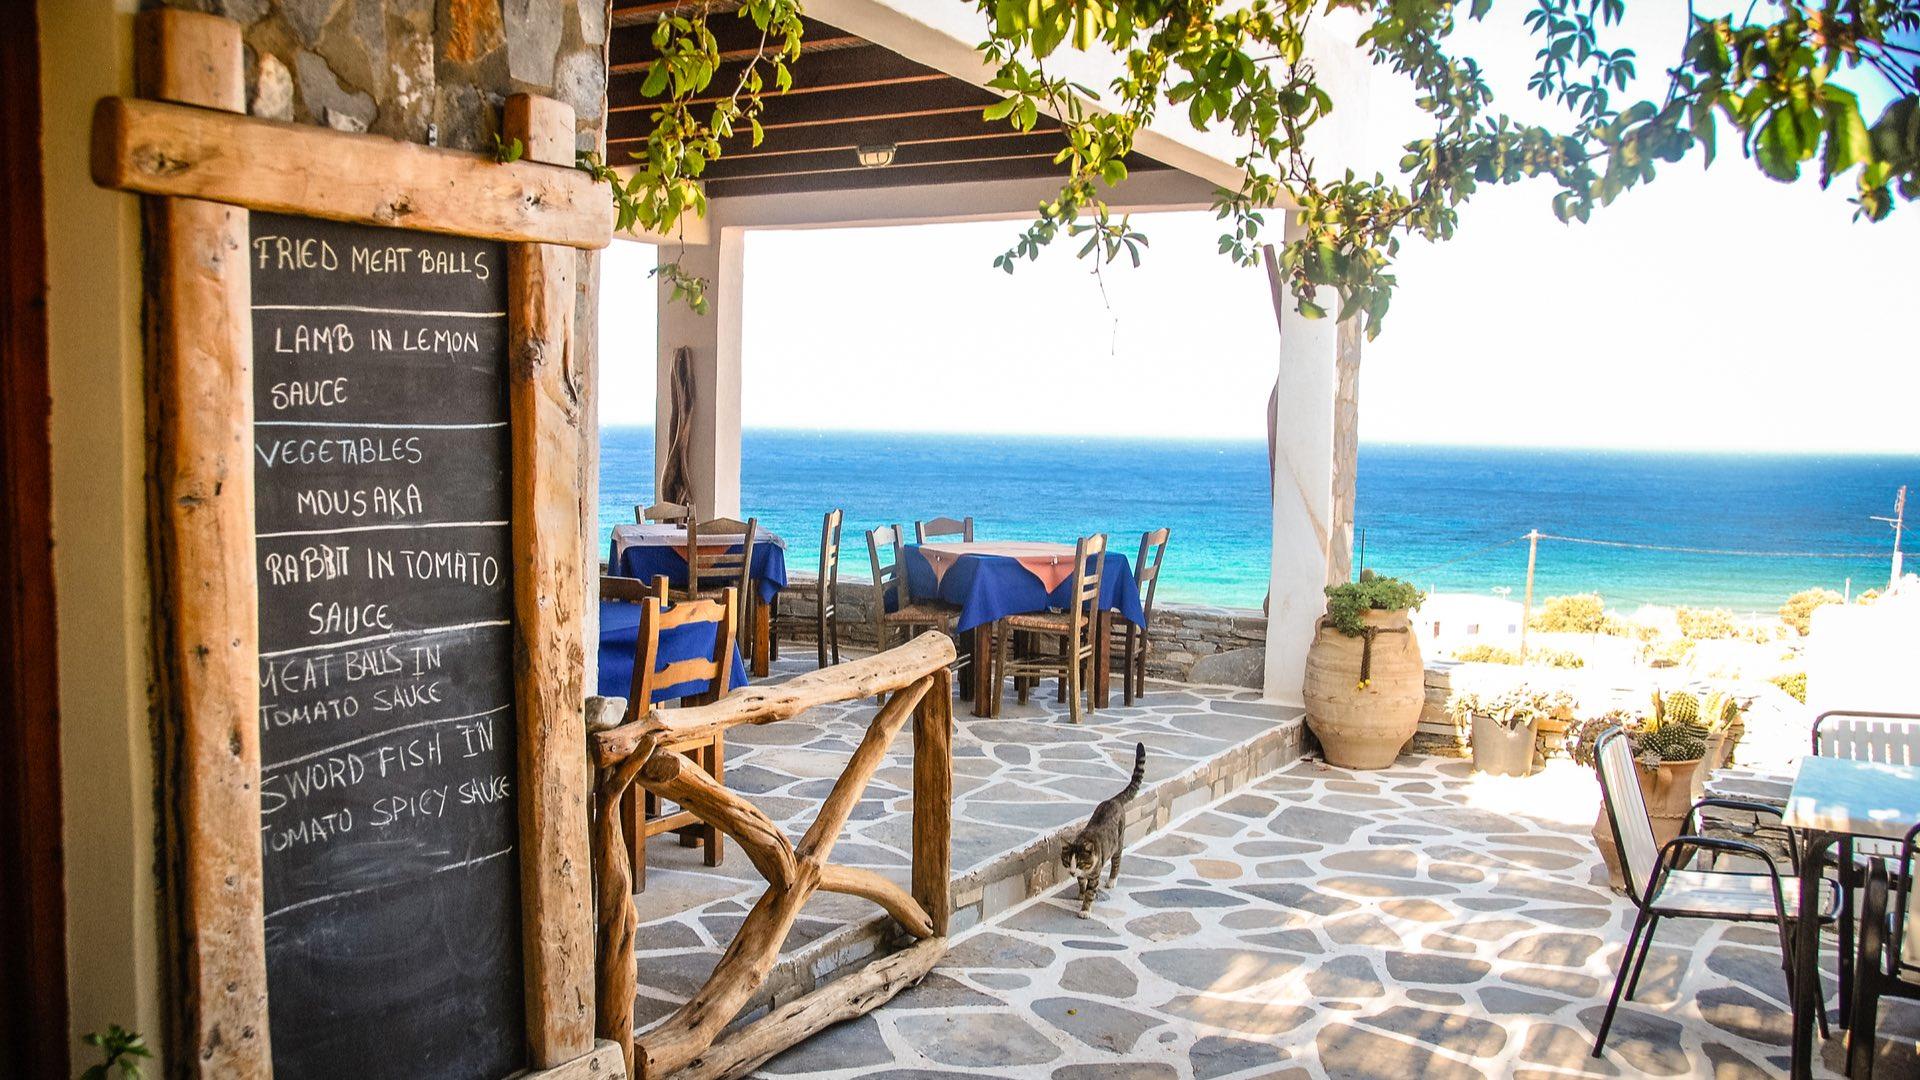 Griechenland | Insel Ios | ©T.Slack/Shutterstock.com